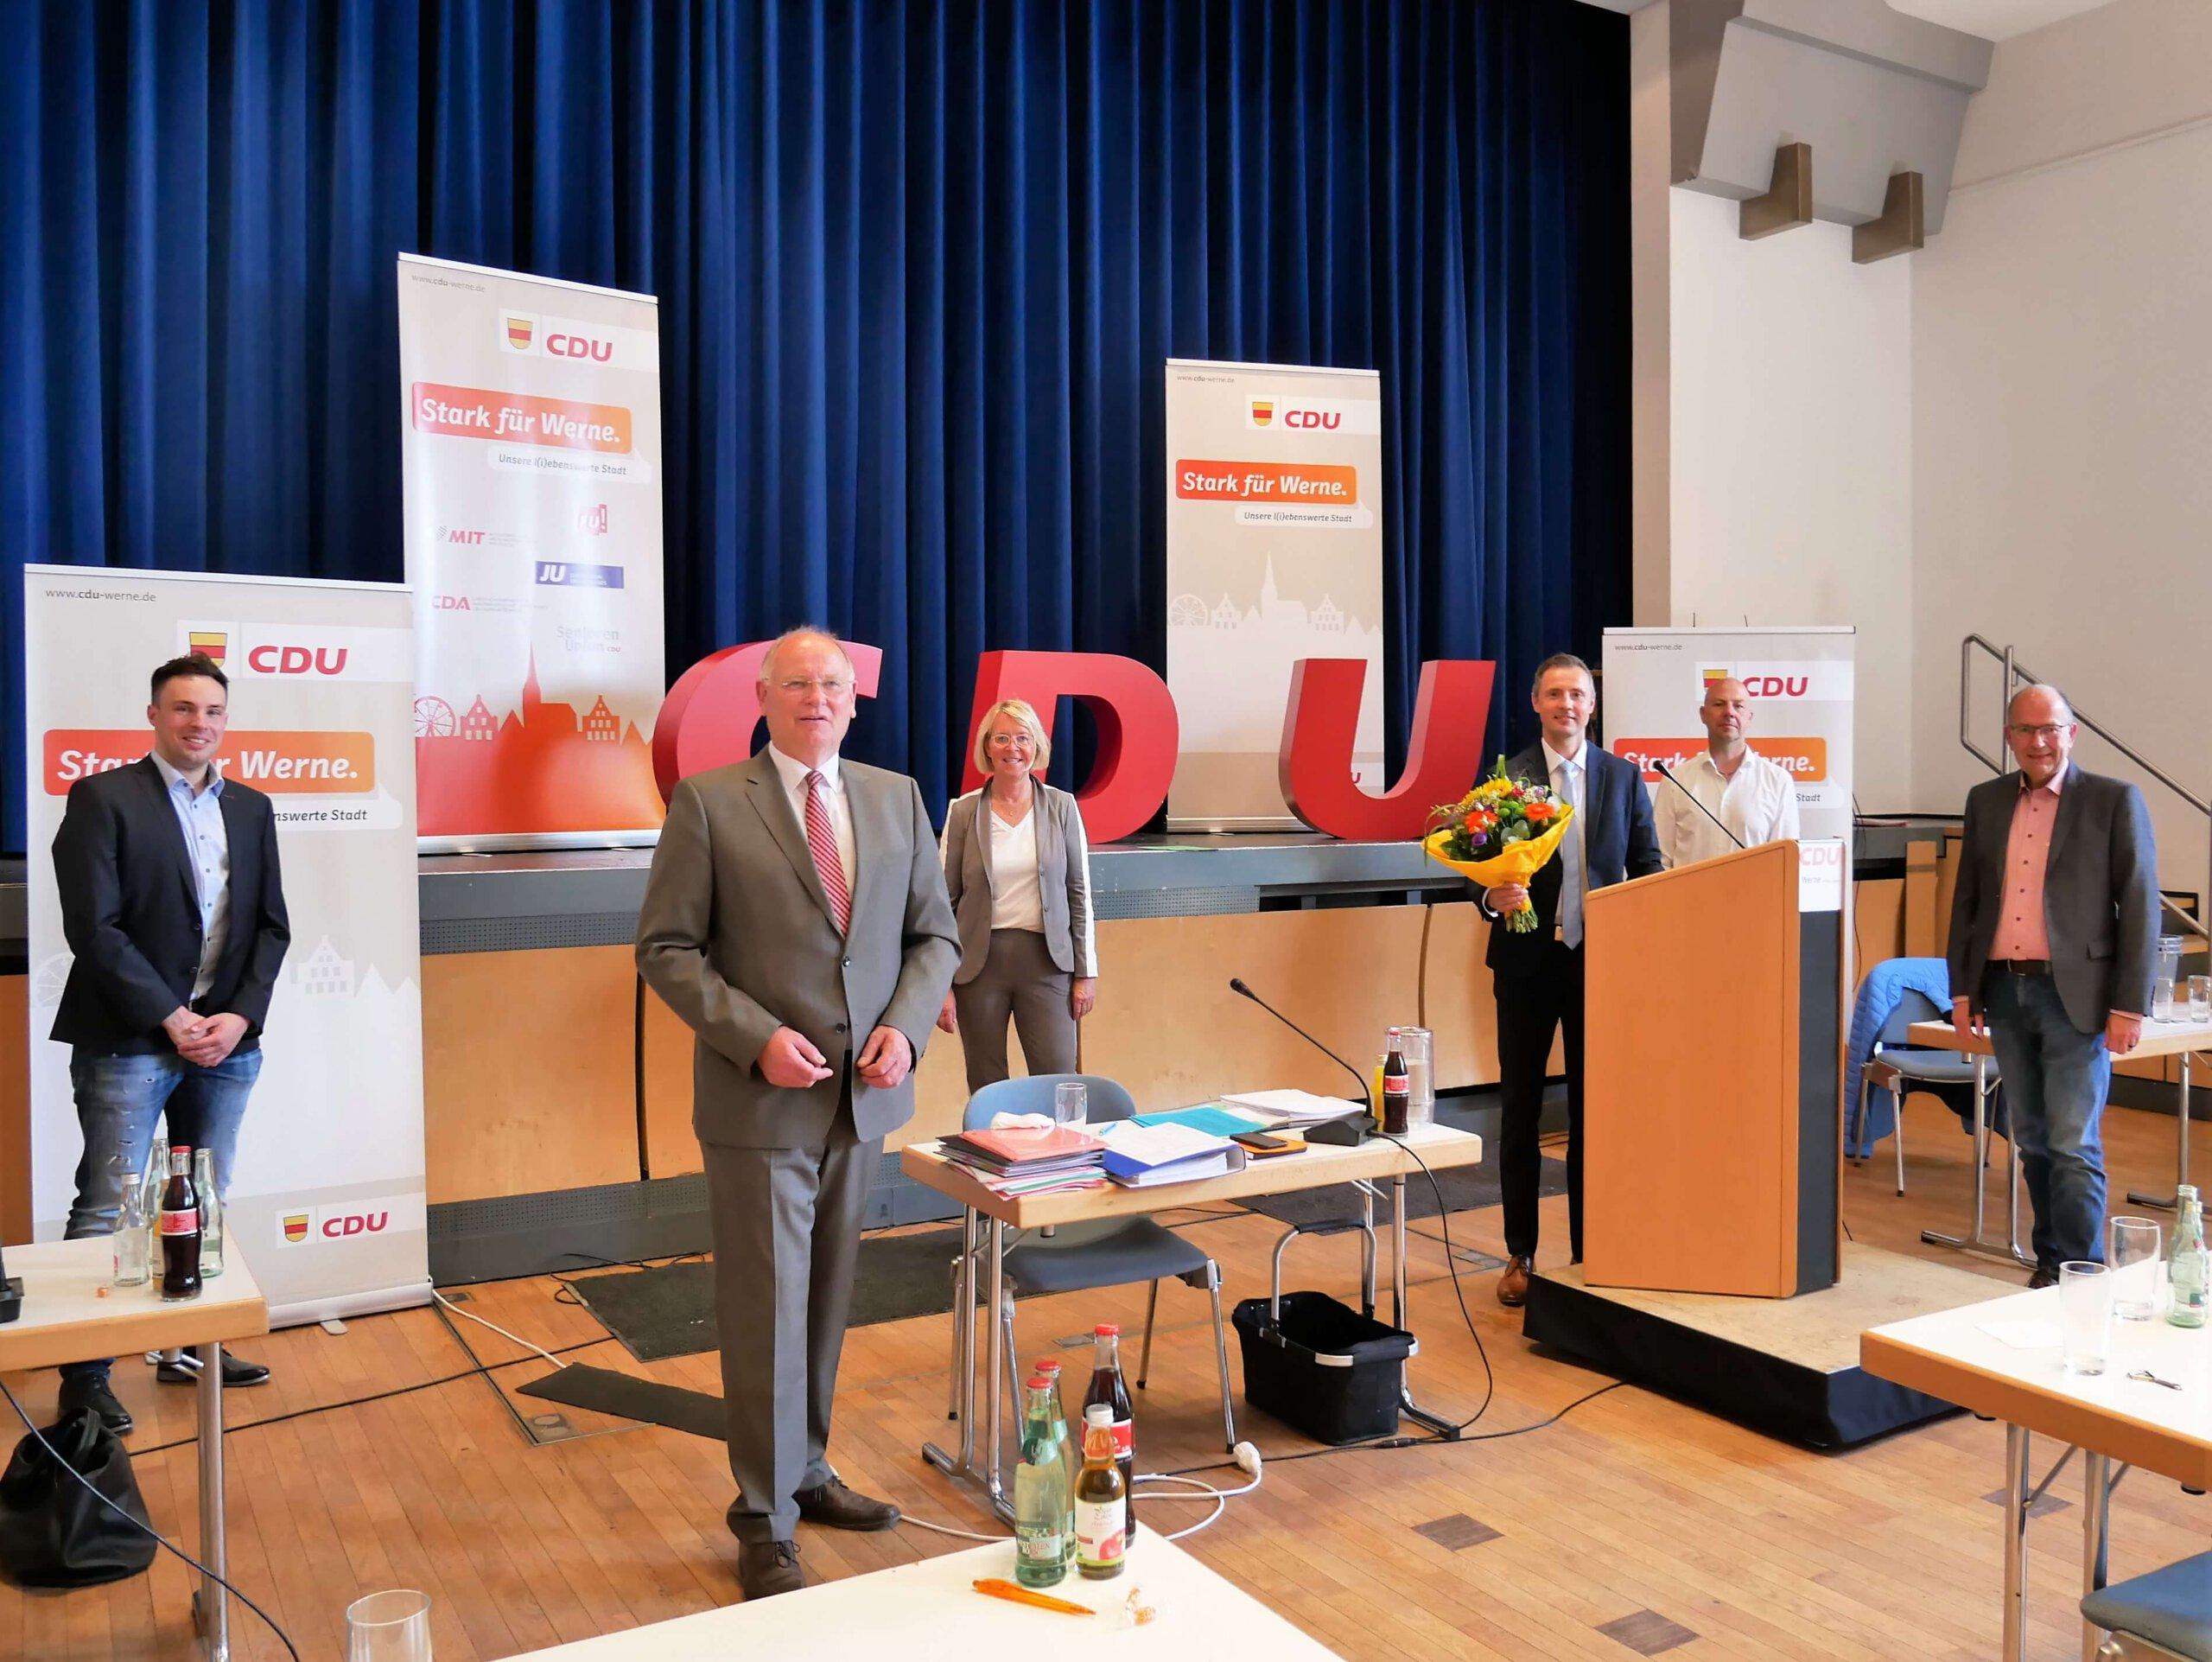 Der Vorstand des CDU-Stadtverbands (von links) mit Martin Cyperski, Wilhelm Jasperneite, Uta Leisentritt, Dominik Bulinski, Markus Rusche, Rolf Weißner. Foto: Gaby Brüggemann